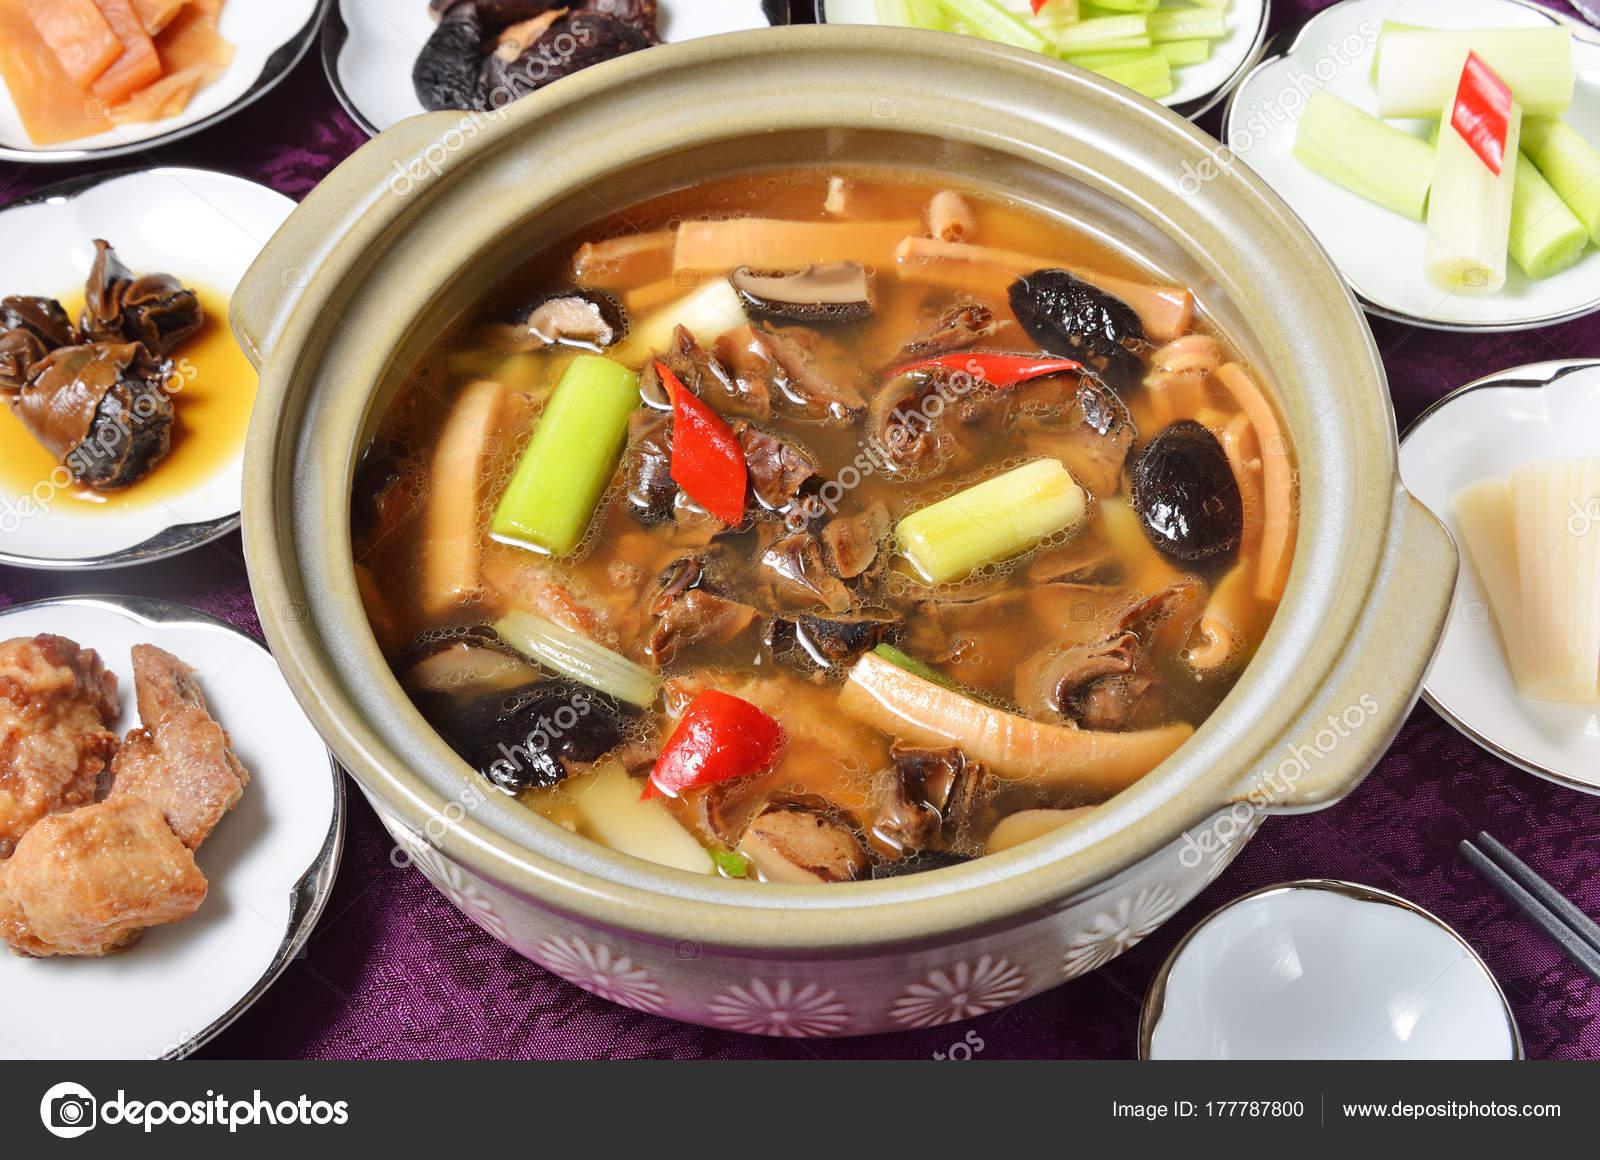 Como Cocinar Caracolas De Mar | Descargar Sopa De Caracol Cocina Tradicional Taiwan Calamares Sopa